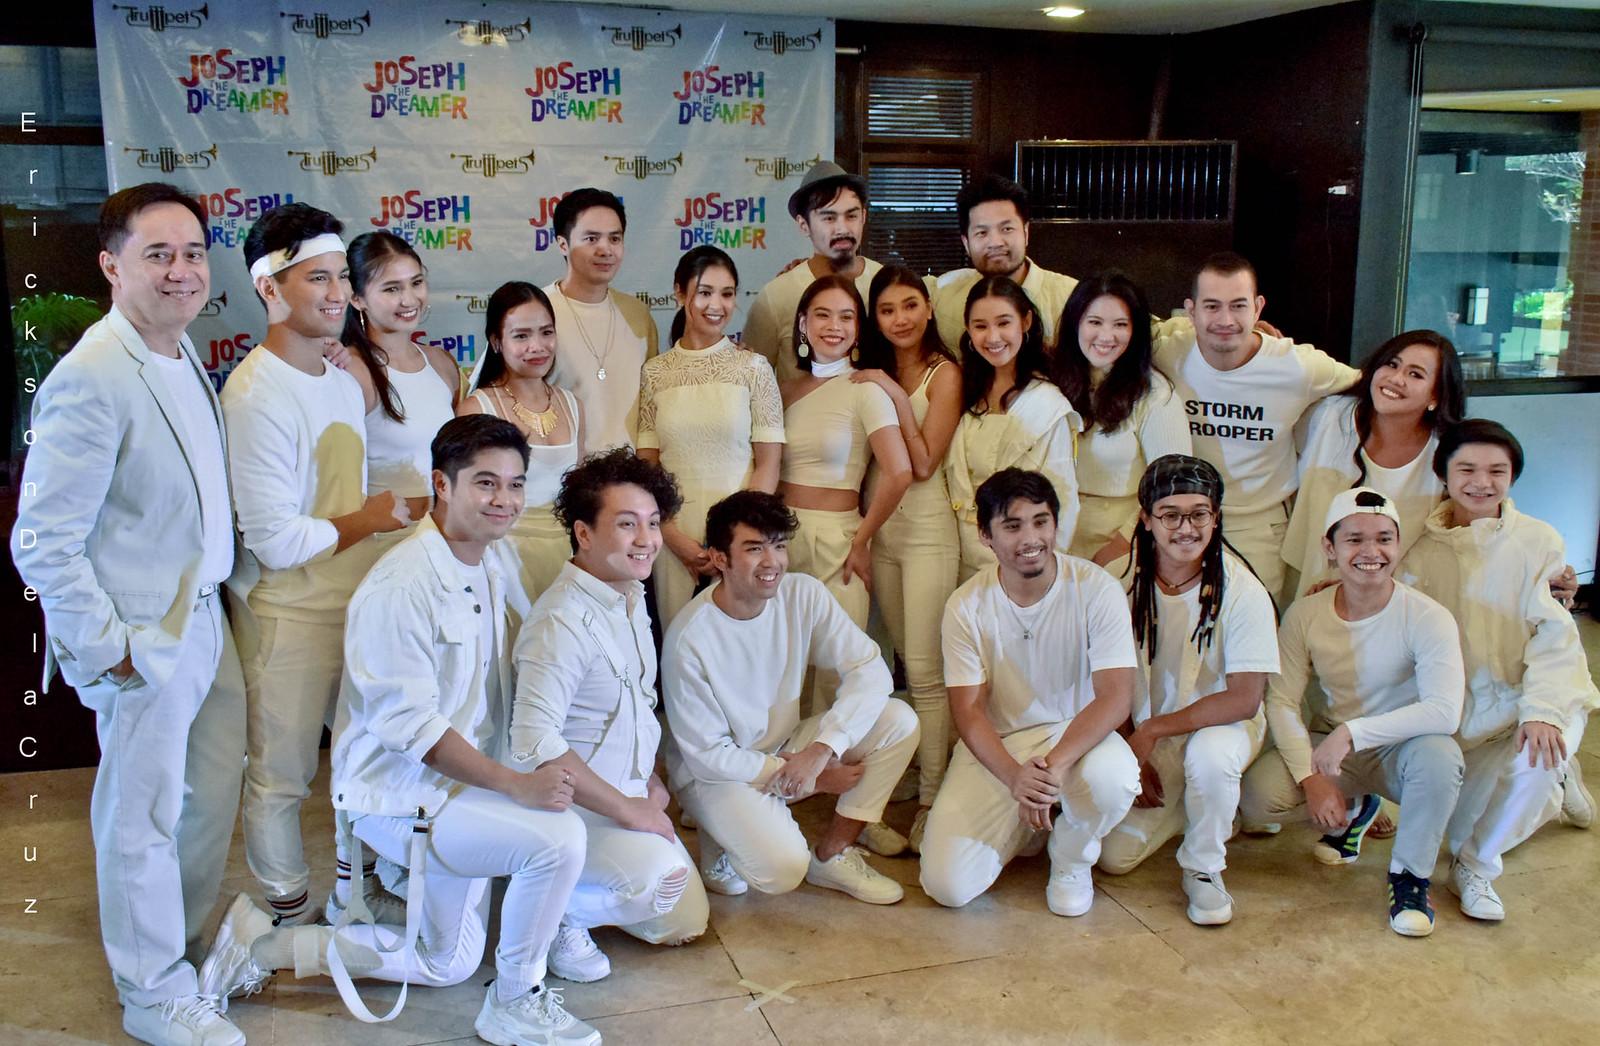 The Cast _Joseph The Dreamer PressCon (Photo by Erickson dela Cruz)